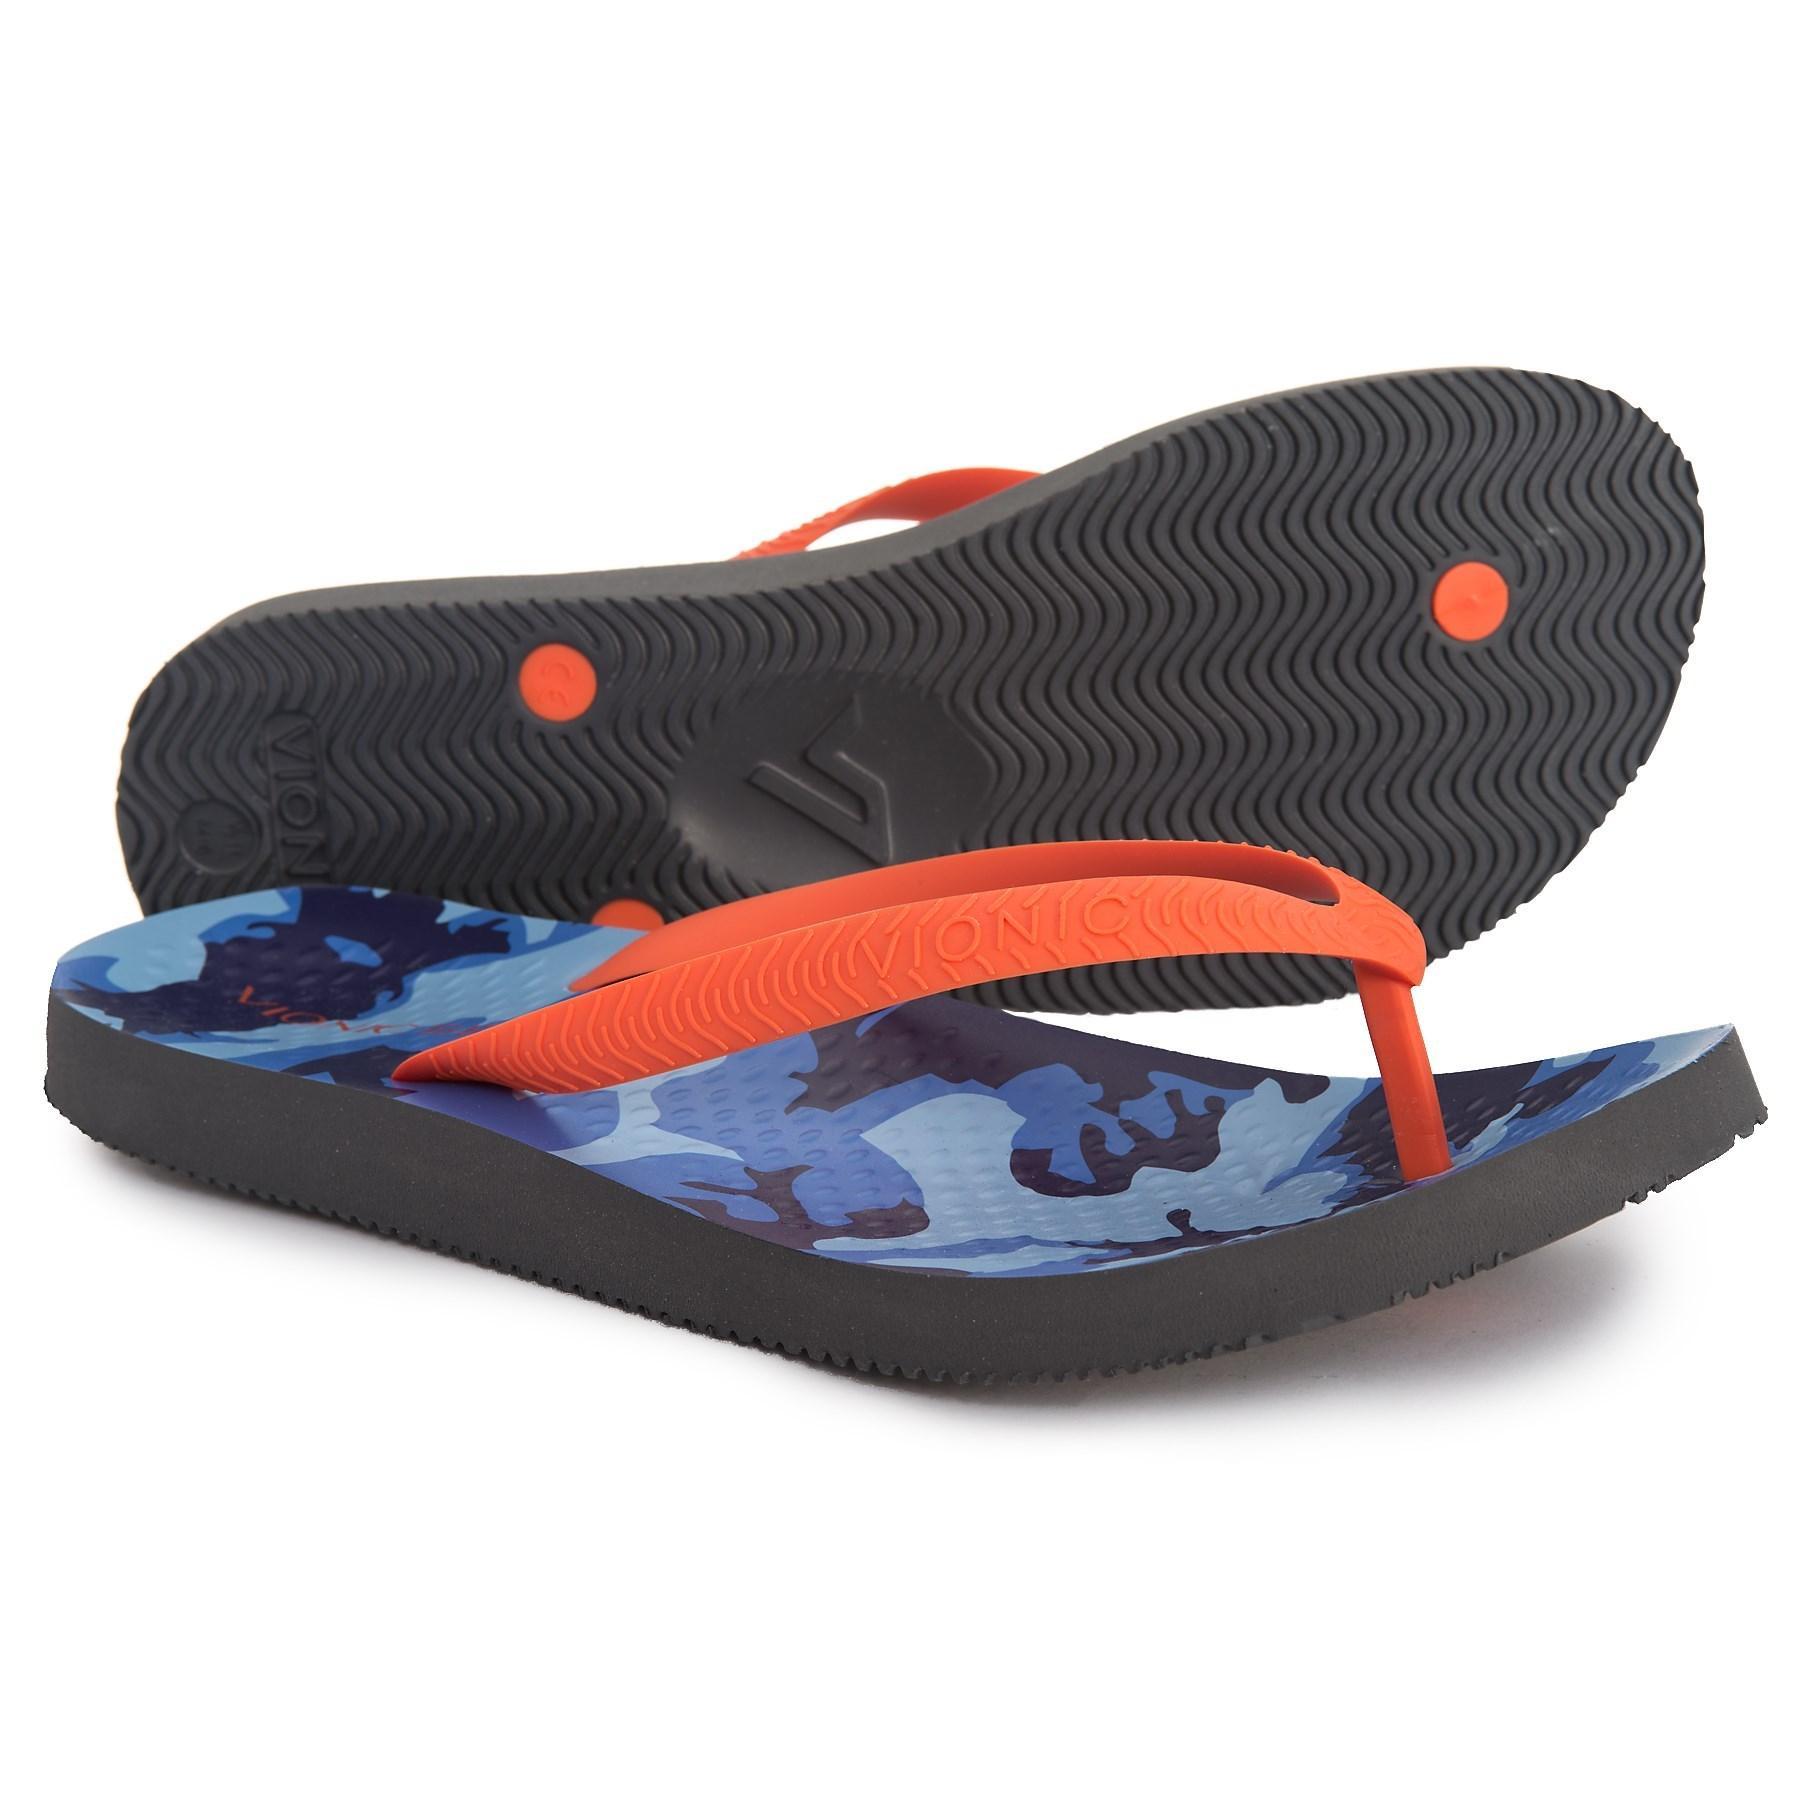 6fce8f276685 Lyst - Vionic Manly Flip-flops (for Men) in Blue for Men